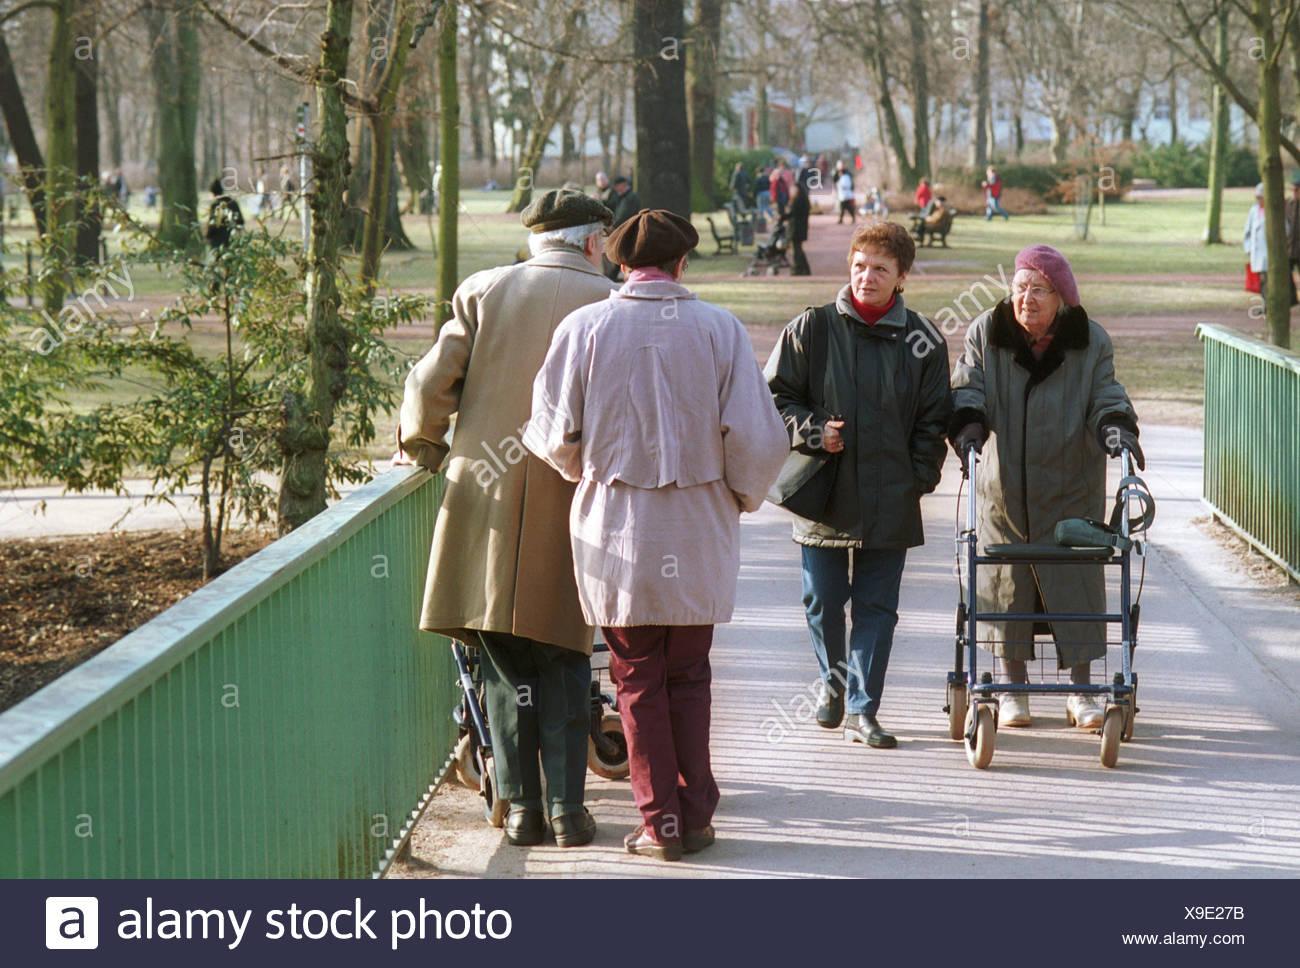 Begegnung zwischen älteren Menschen im park Stockbild